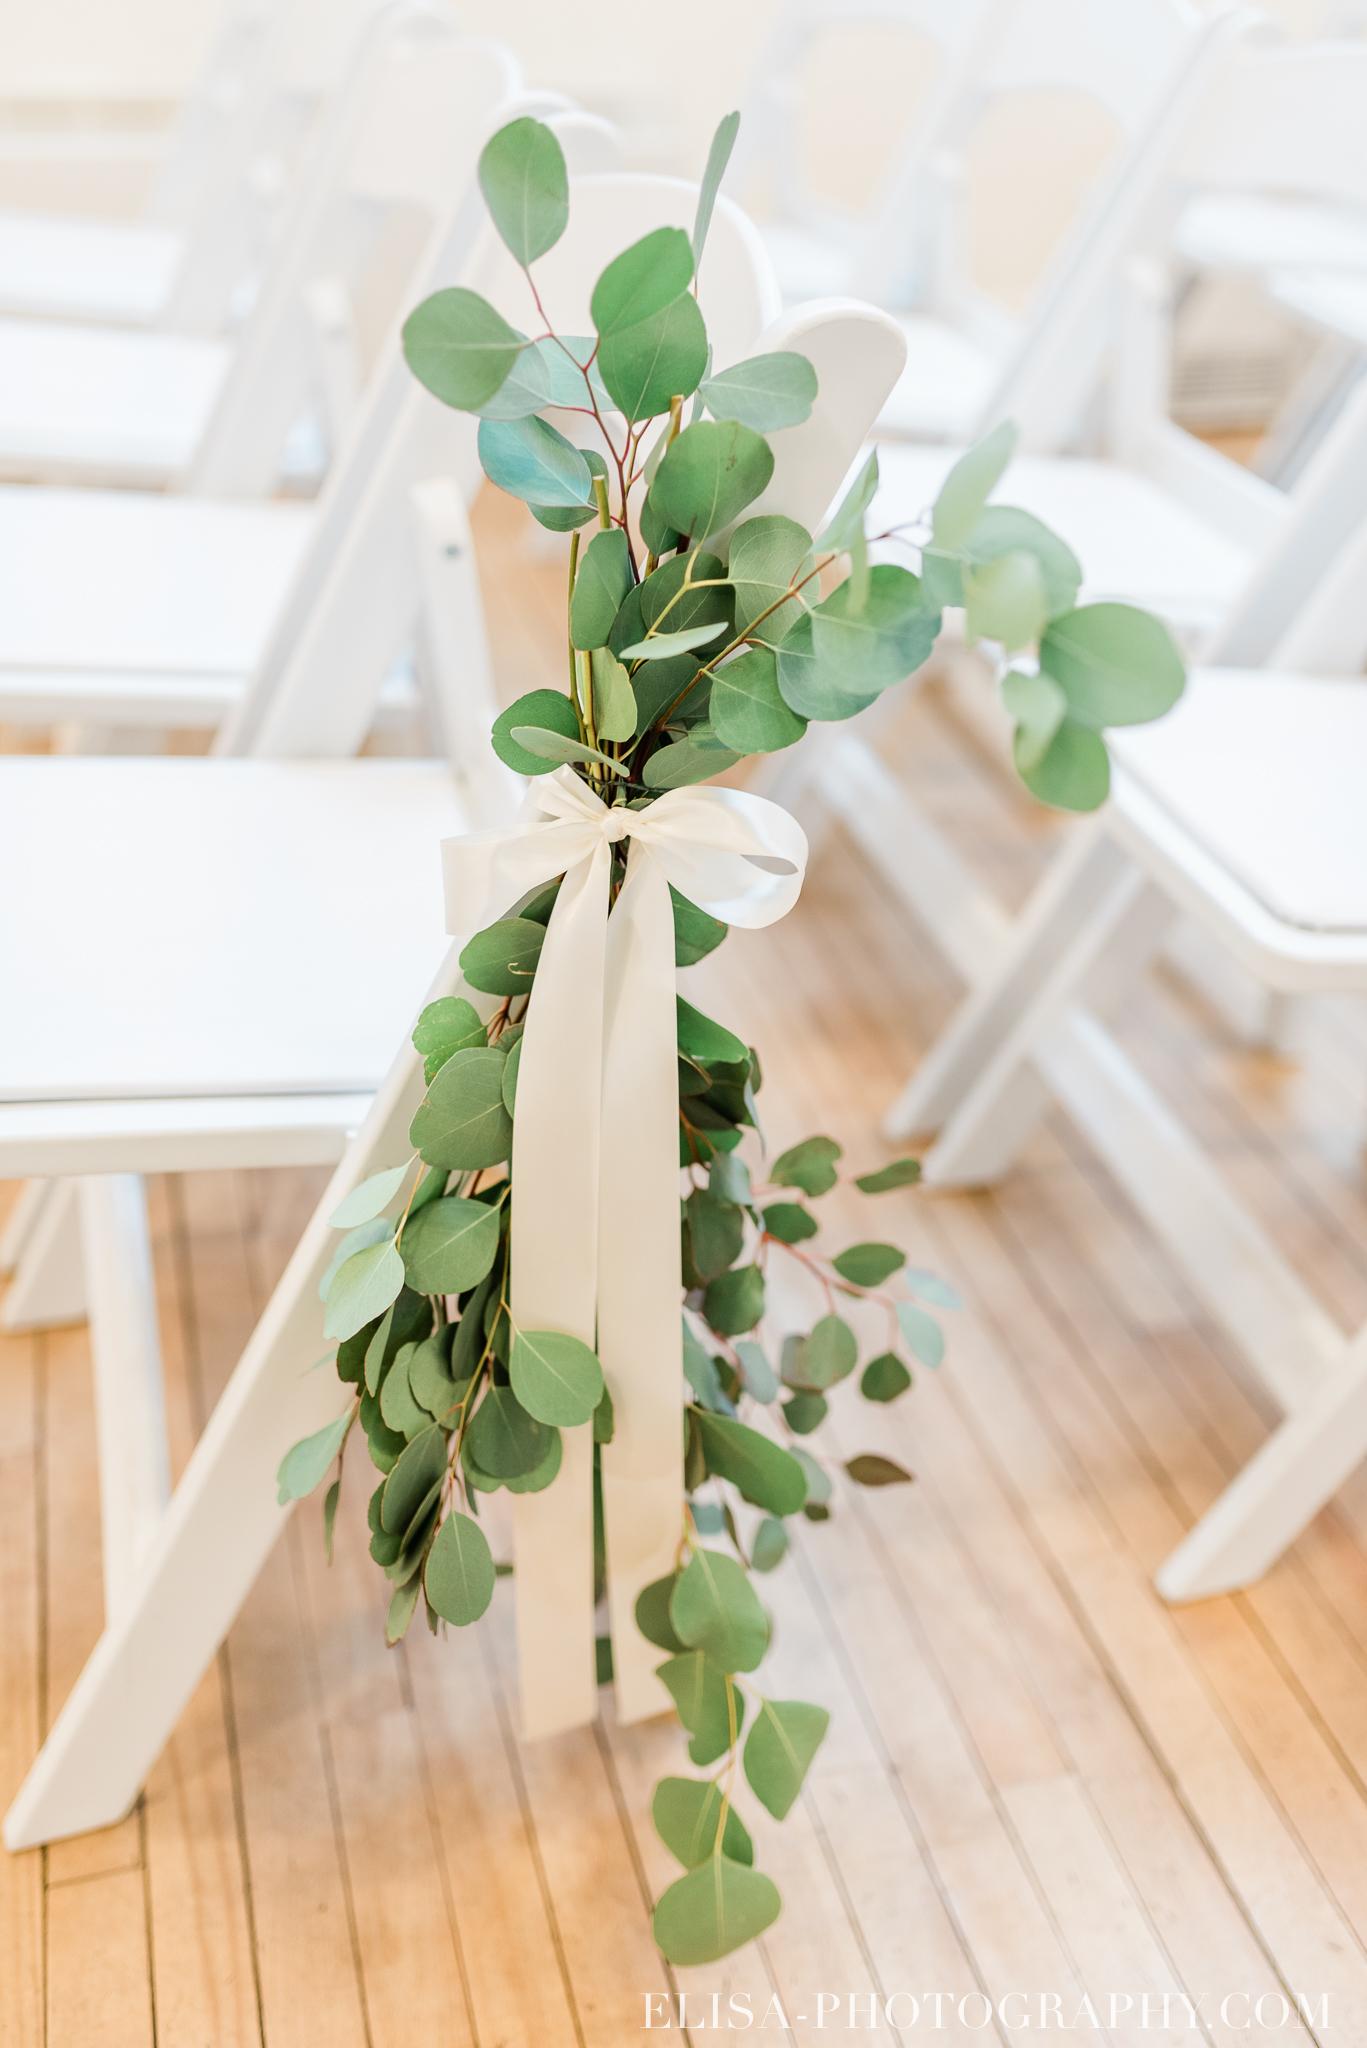 photo mariage ceremonie lifestyle domaine cataraqui pluie atelier peintre 9955 - Mariage élégant et discret au coeur du magnifique Domaine Cataraqui, Québec